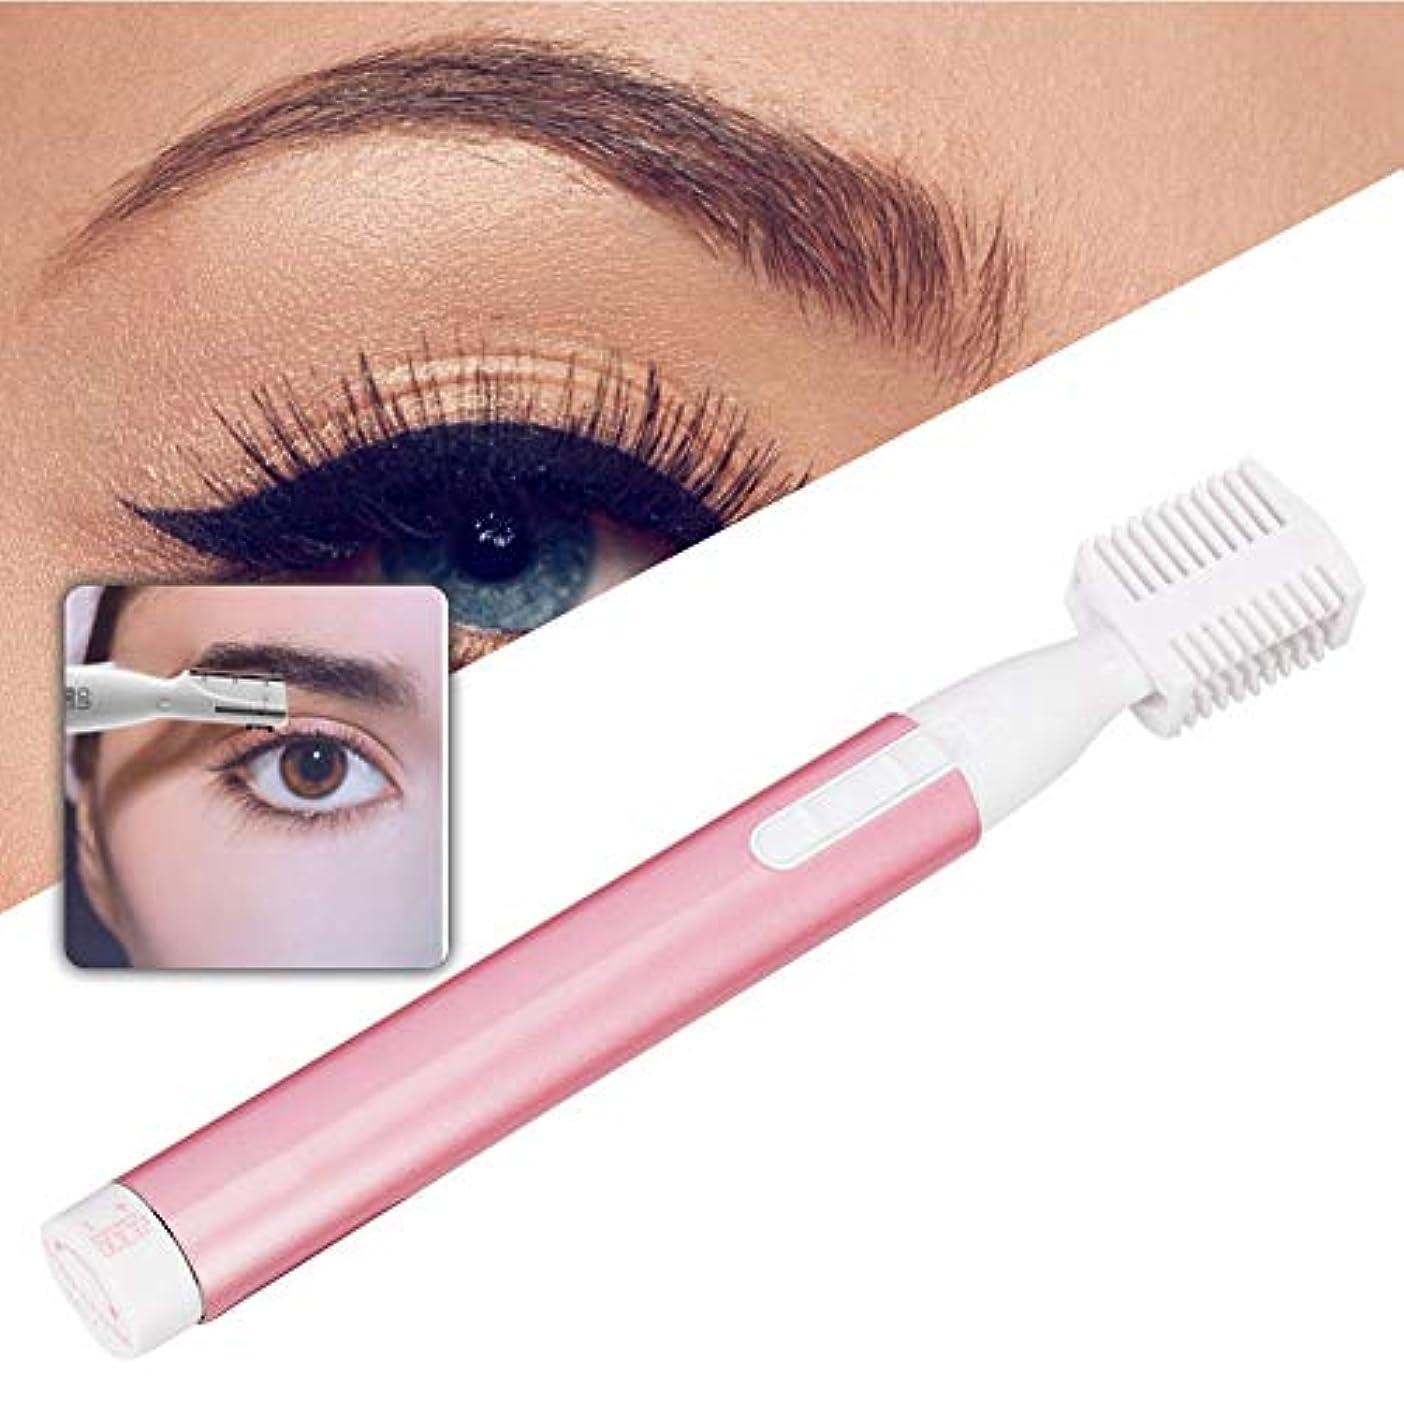 プレミア水素家畜女性 顔の毛の除去剤 携帯用 電気顔 毛の除去剤 眉毛のトリマーシェーバー用具